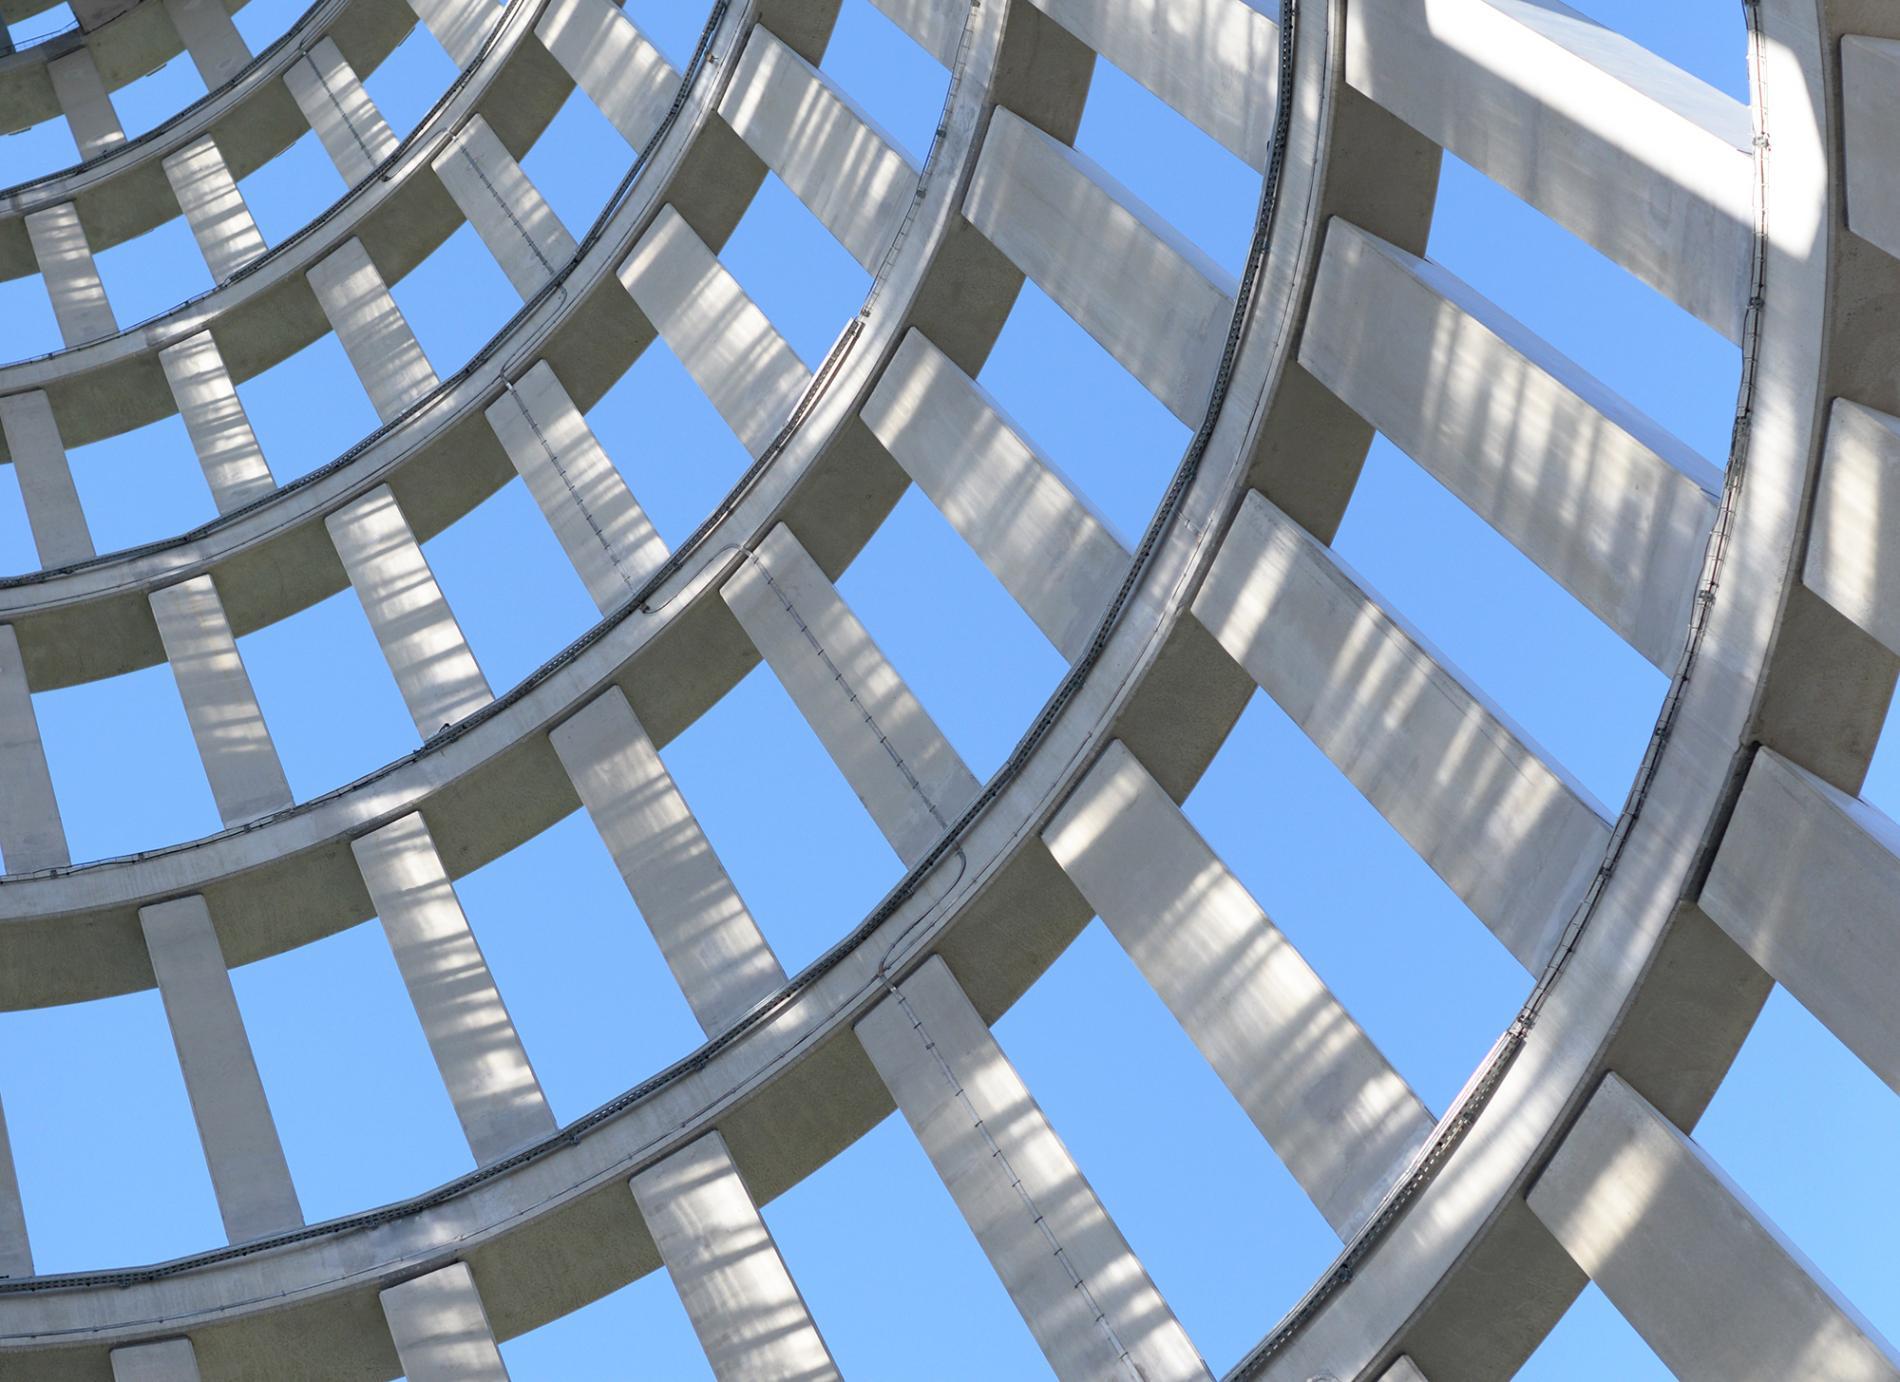 Structure de la tour radar de Saclay (vue intérieure), T/E/S/S atelier d'ingénierie